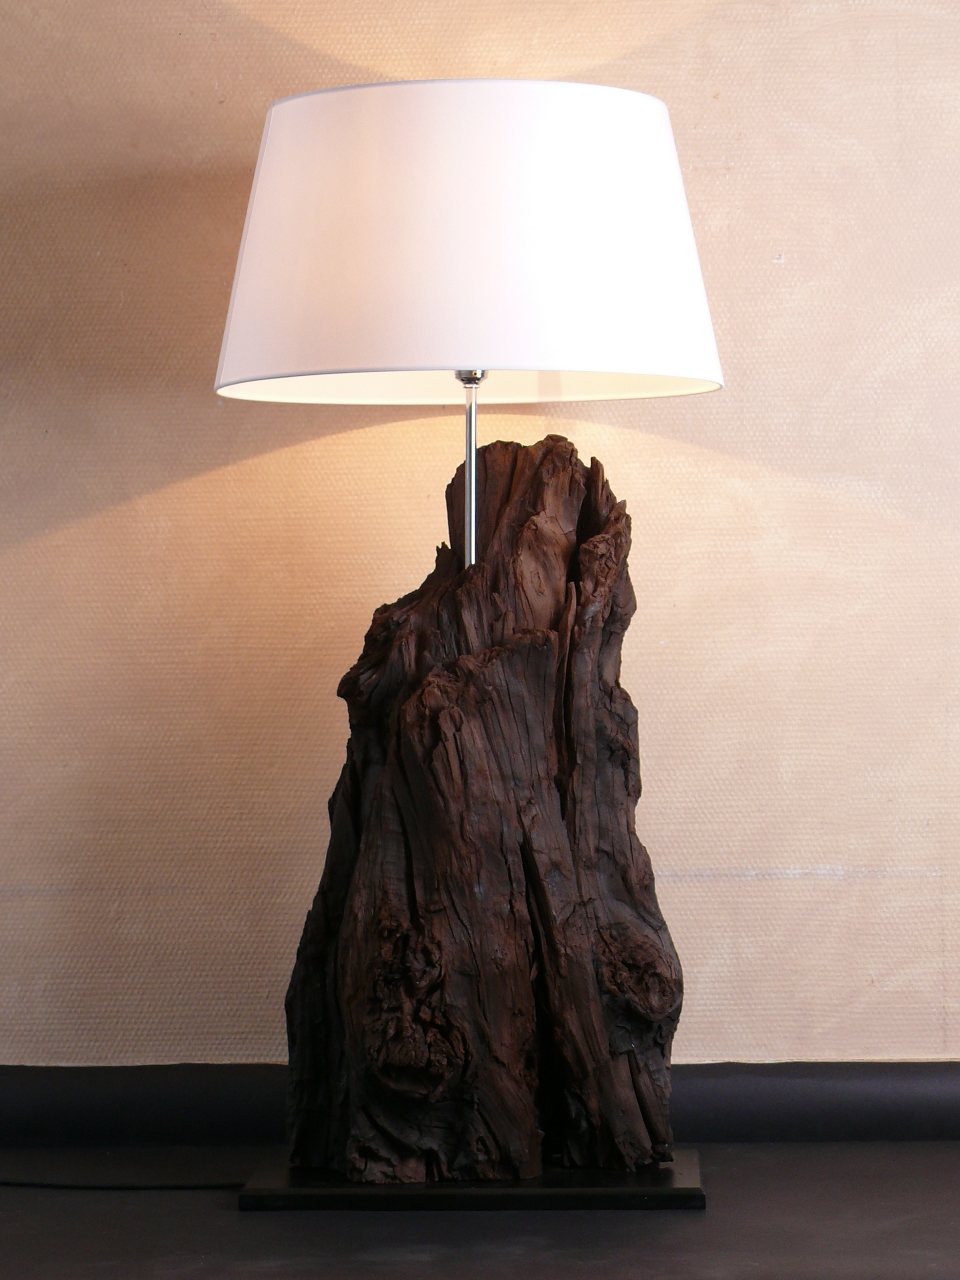 tischlampe stehlampe holzlampe lampe tausende jahre altes. Black Bedroom Furniture Sets. Home Design Ideas